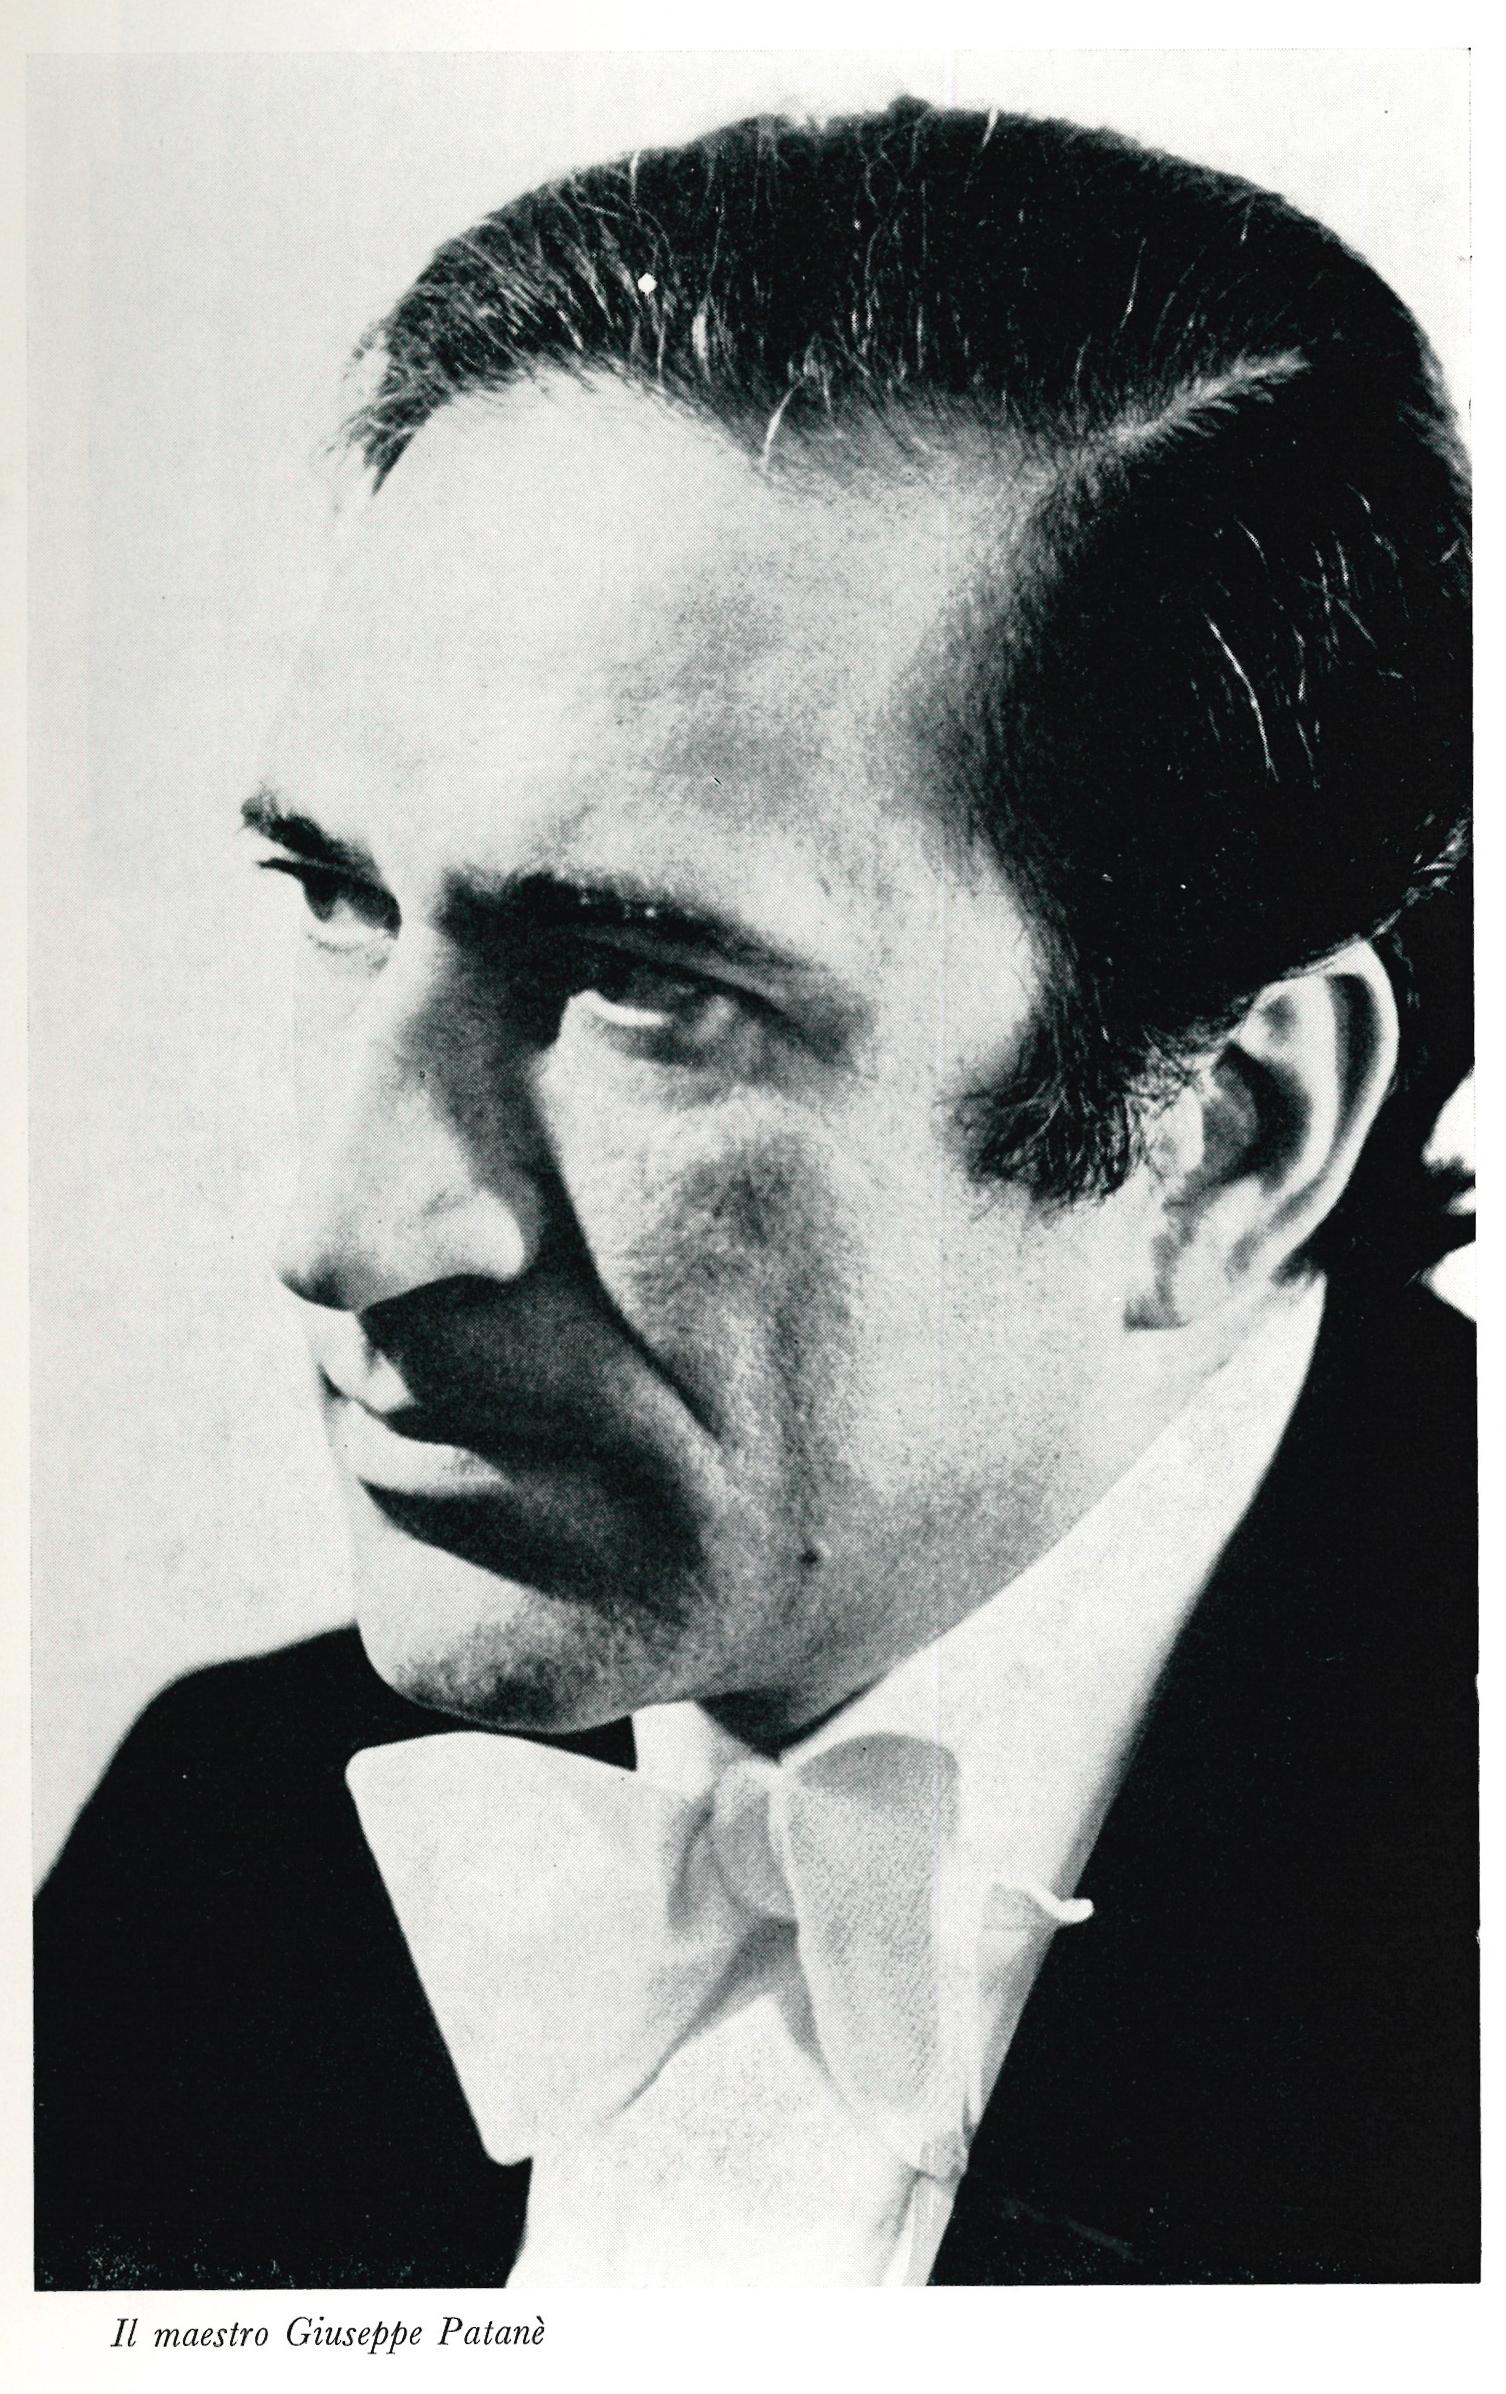 2.Giuseppe Patane